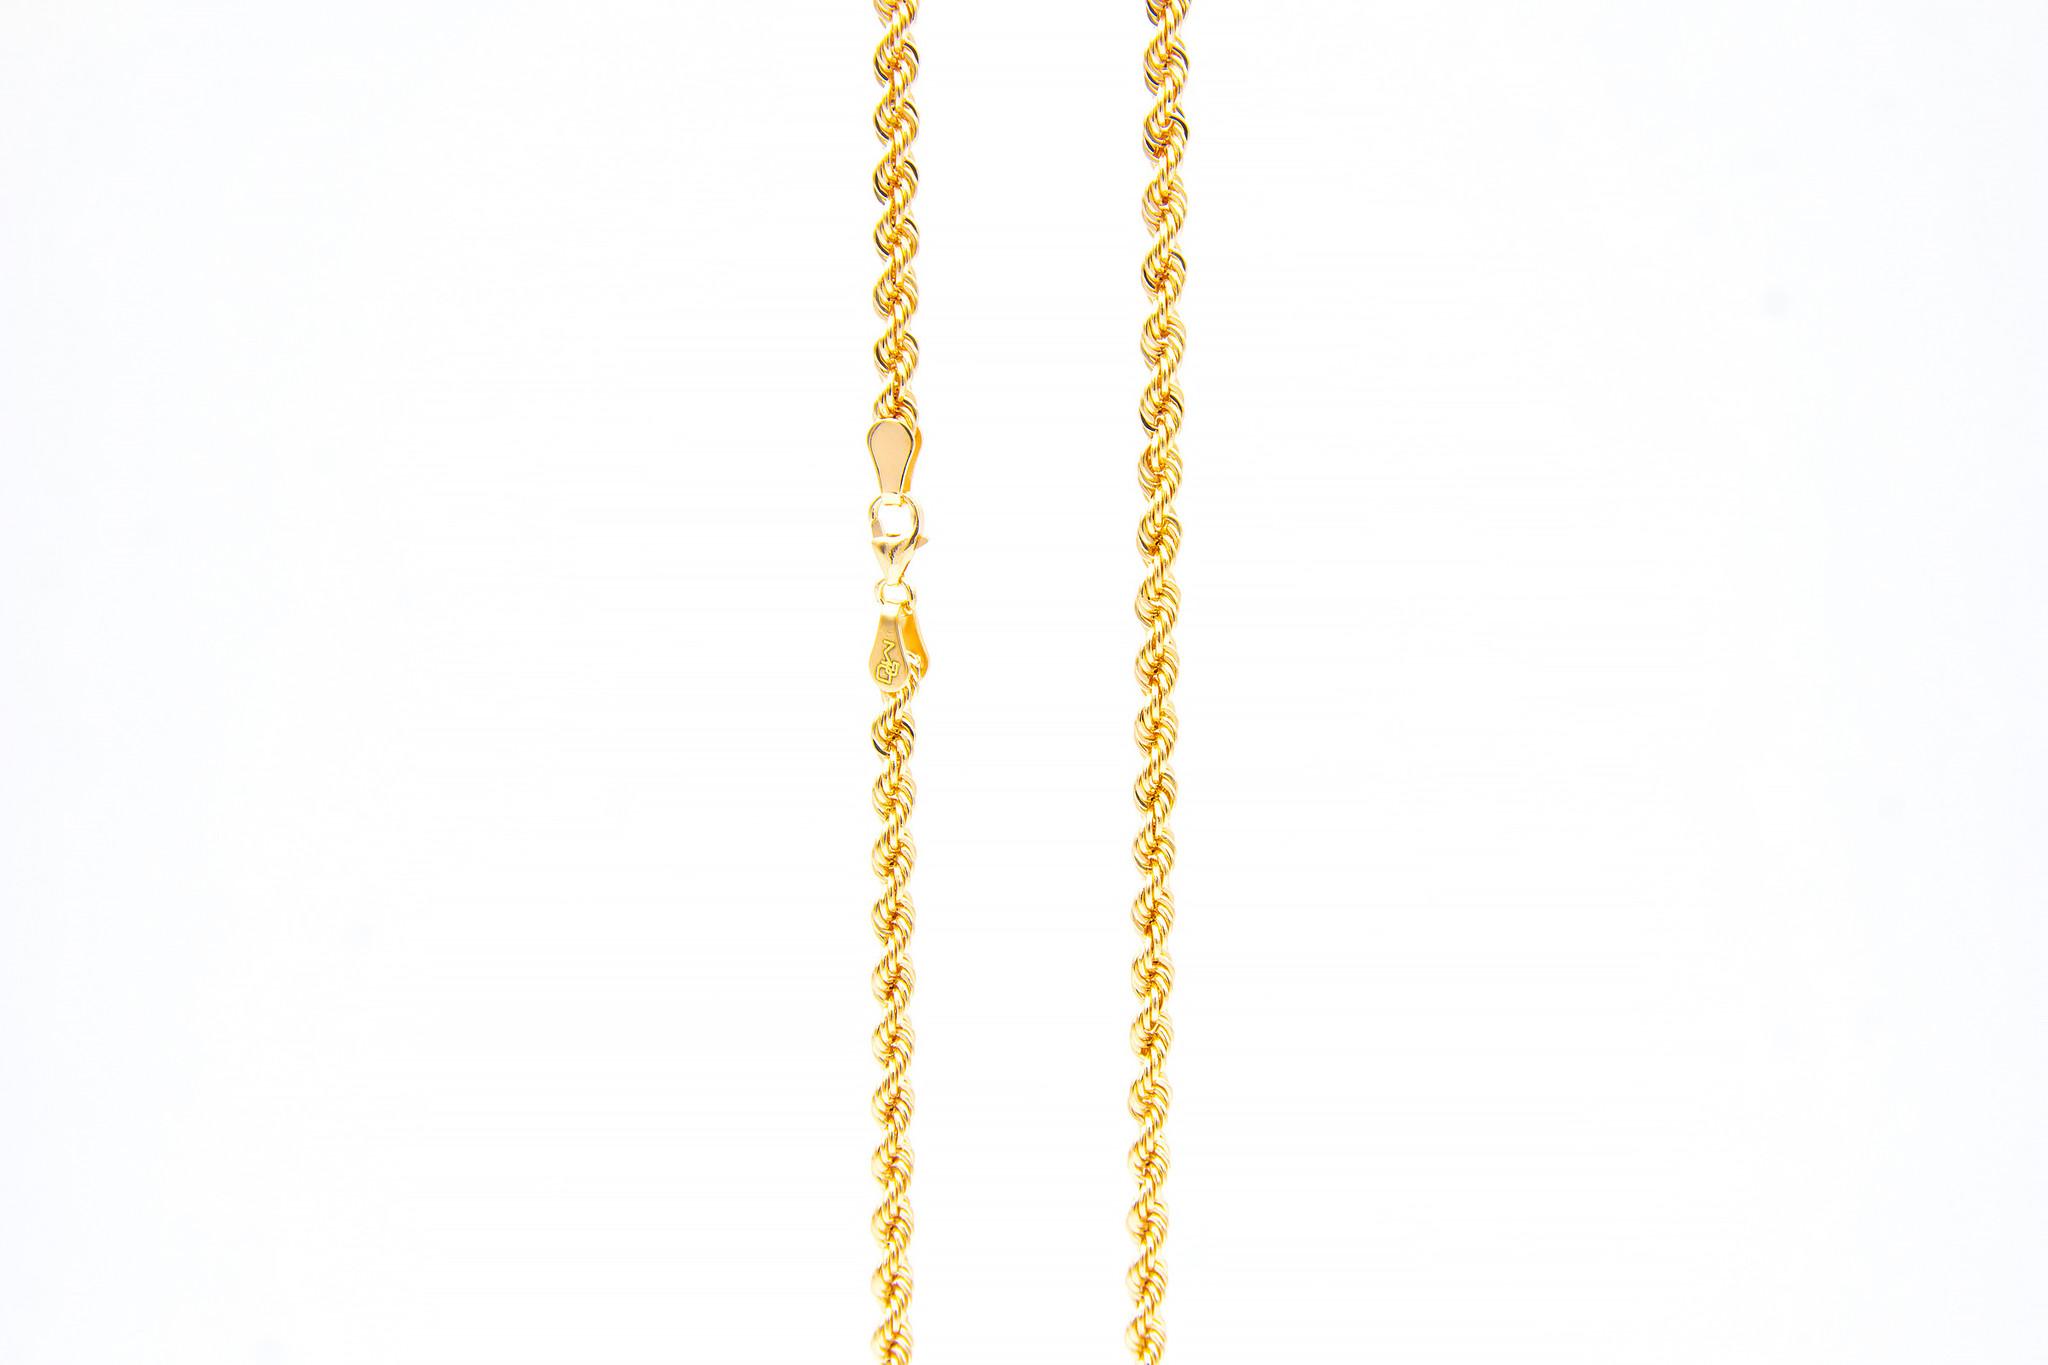 Rope chain roségoud 14kt 3mm-1